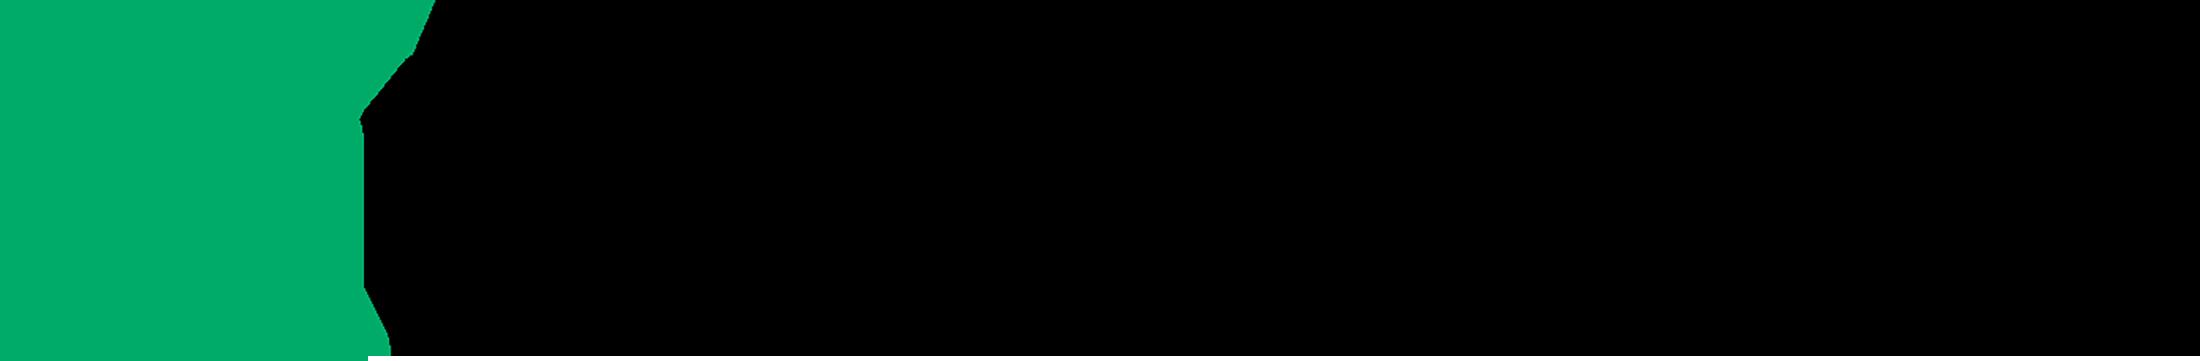 Modulvegger logo. Grafikk.